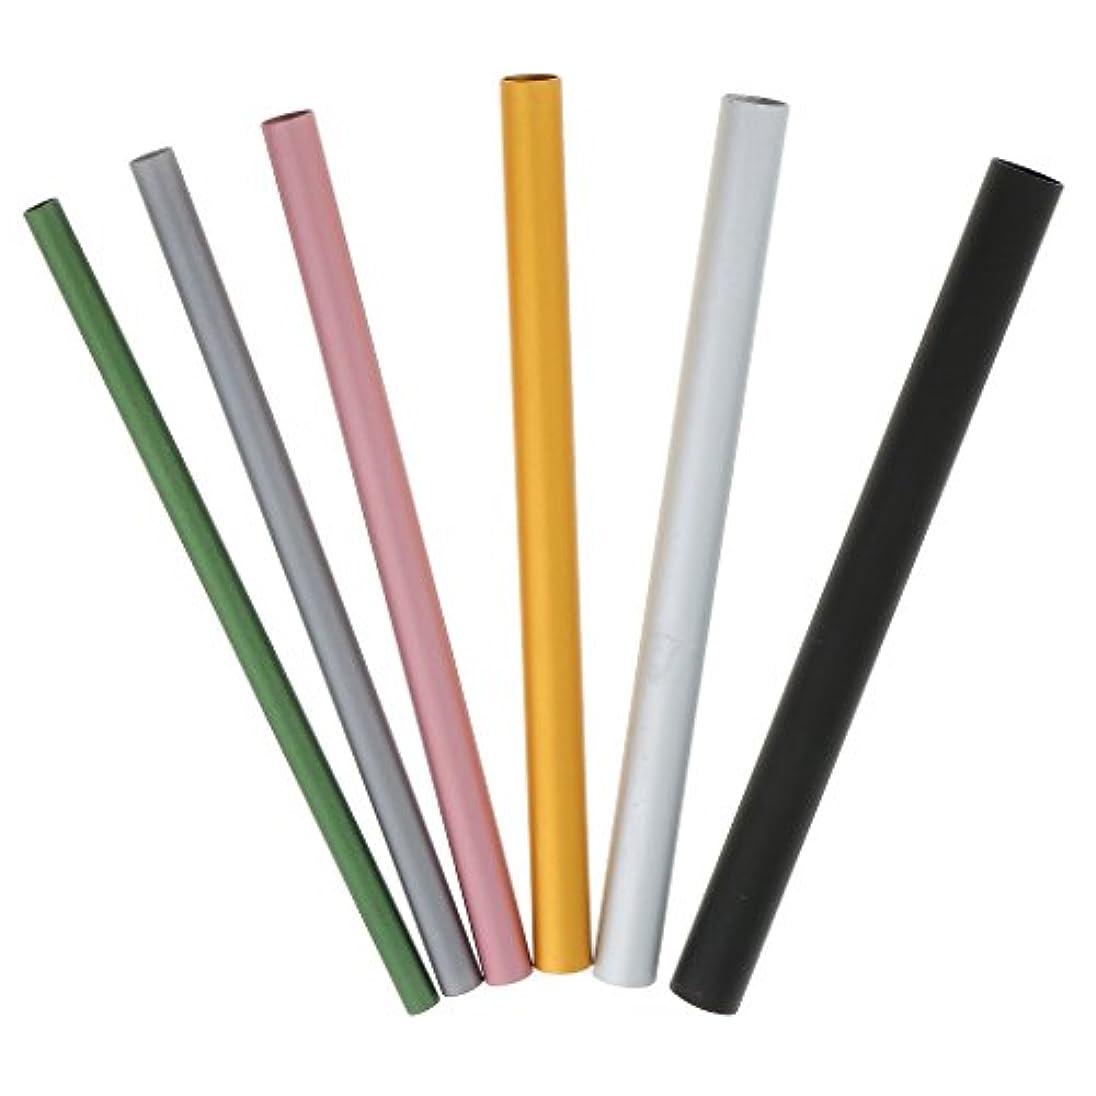 証明書についてすでに6本 ミックスサイズ Cカーブ ネイルアート アルミ棒 ネイル道具